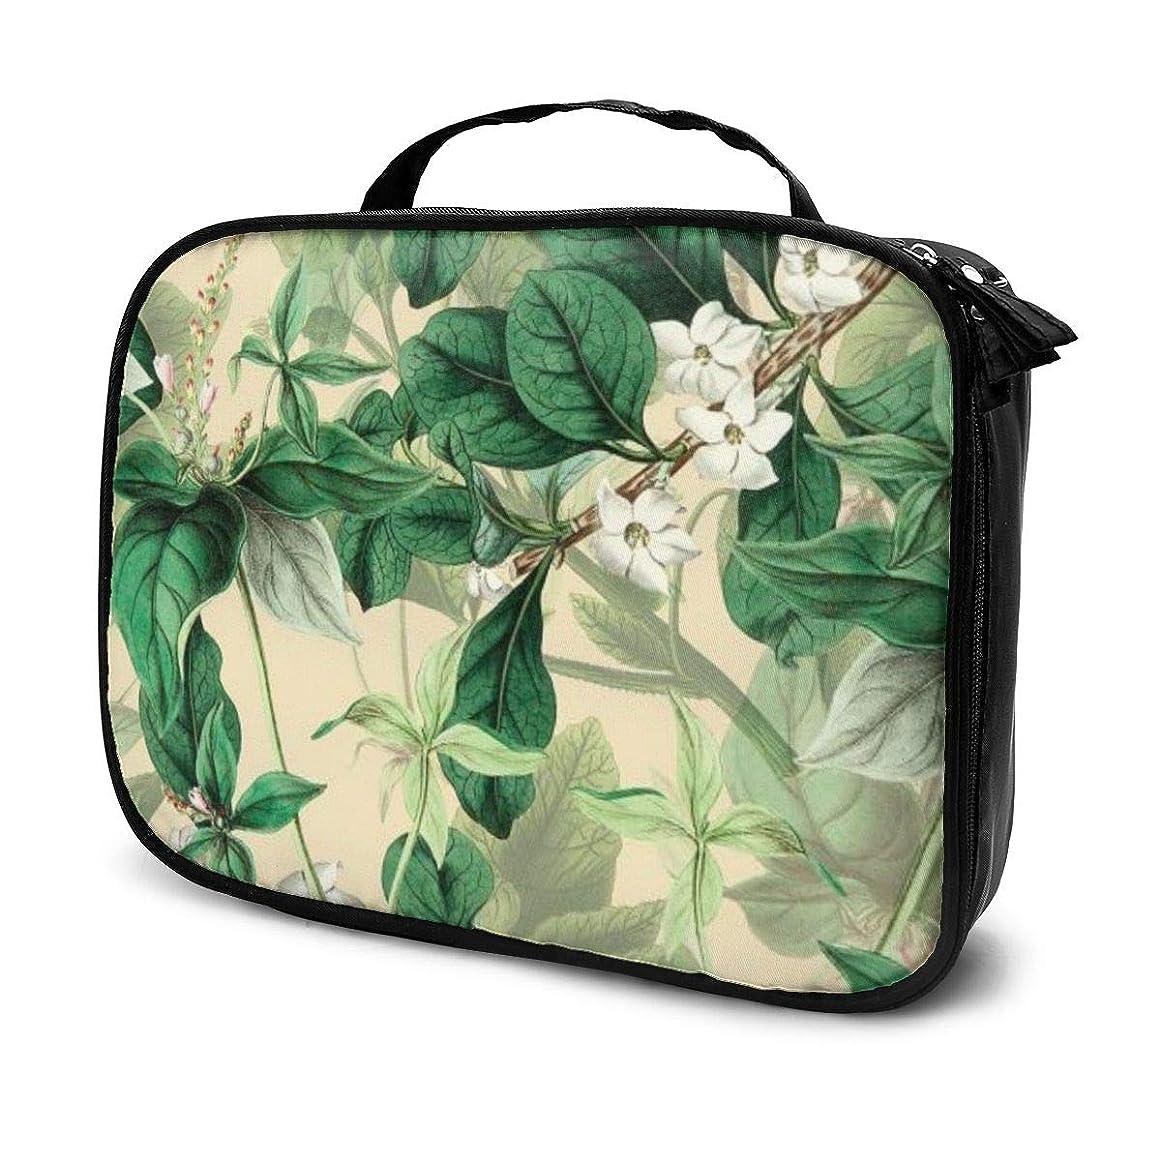 離れた北文句を言う収納袋植物プリント化粧品袋耐摩耗性軽量ポータブル高品質大容量旅行ポーチバスルームポーチ旅行小物整理約8×25×19cm